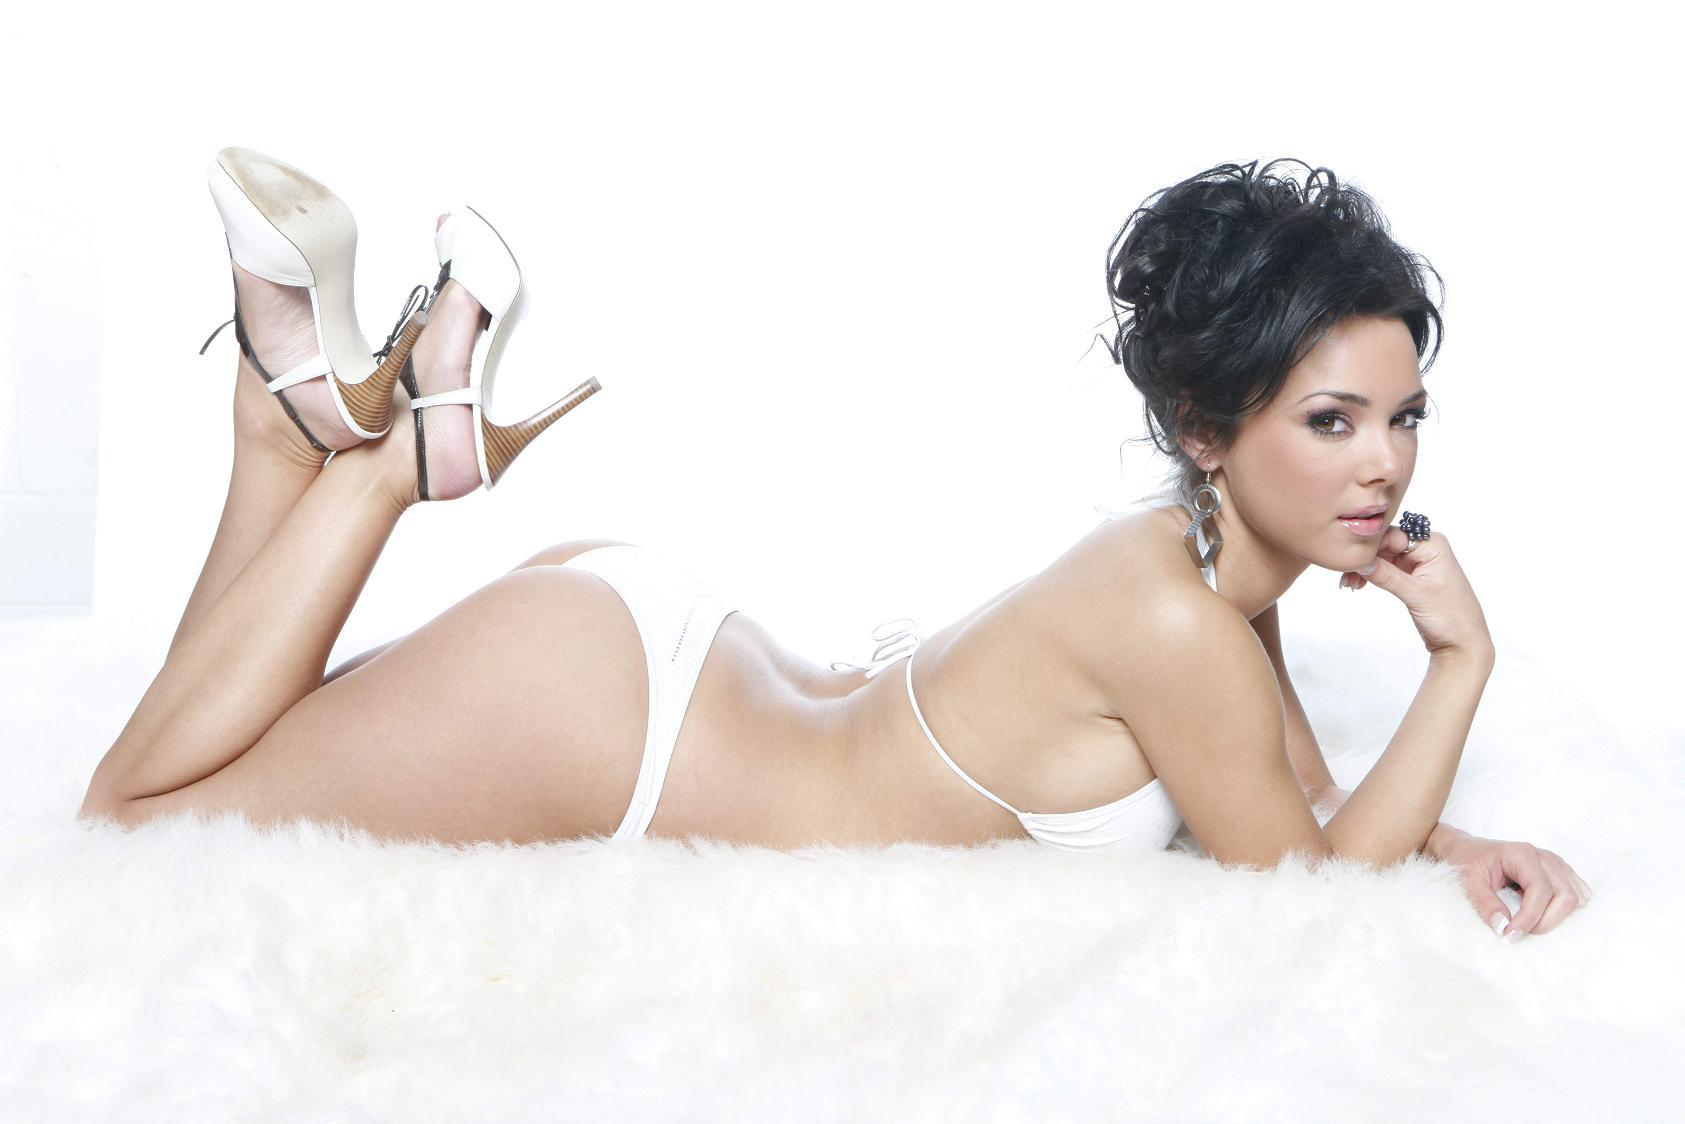 Lana Tailor Nude Photos 25